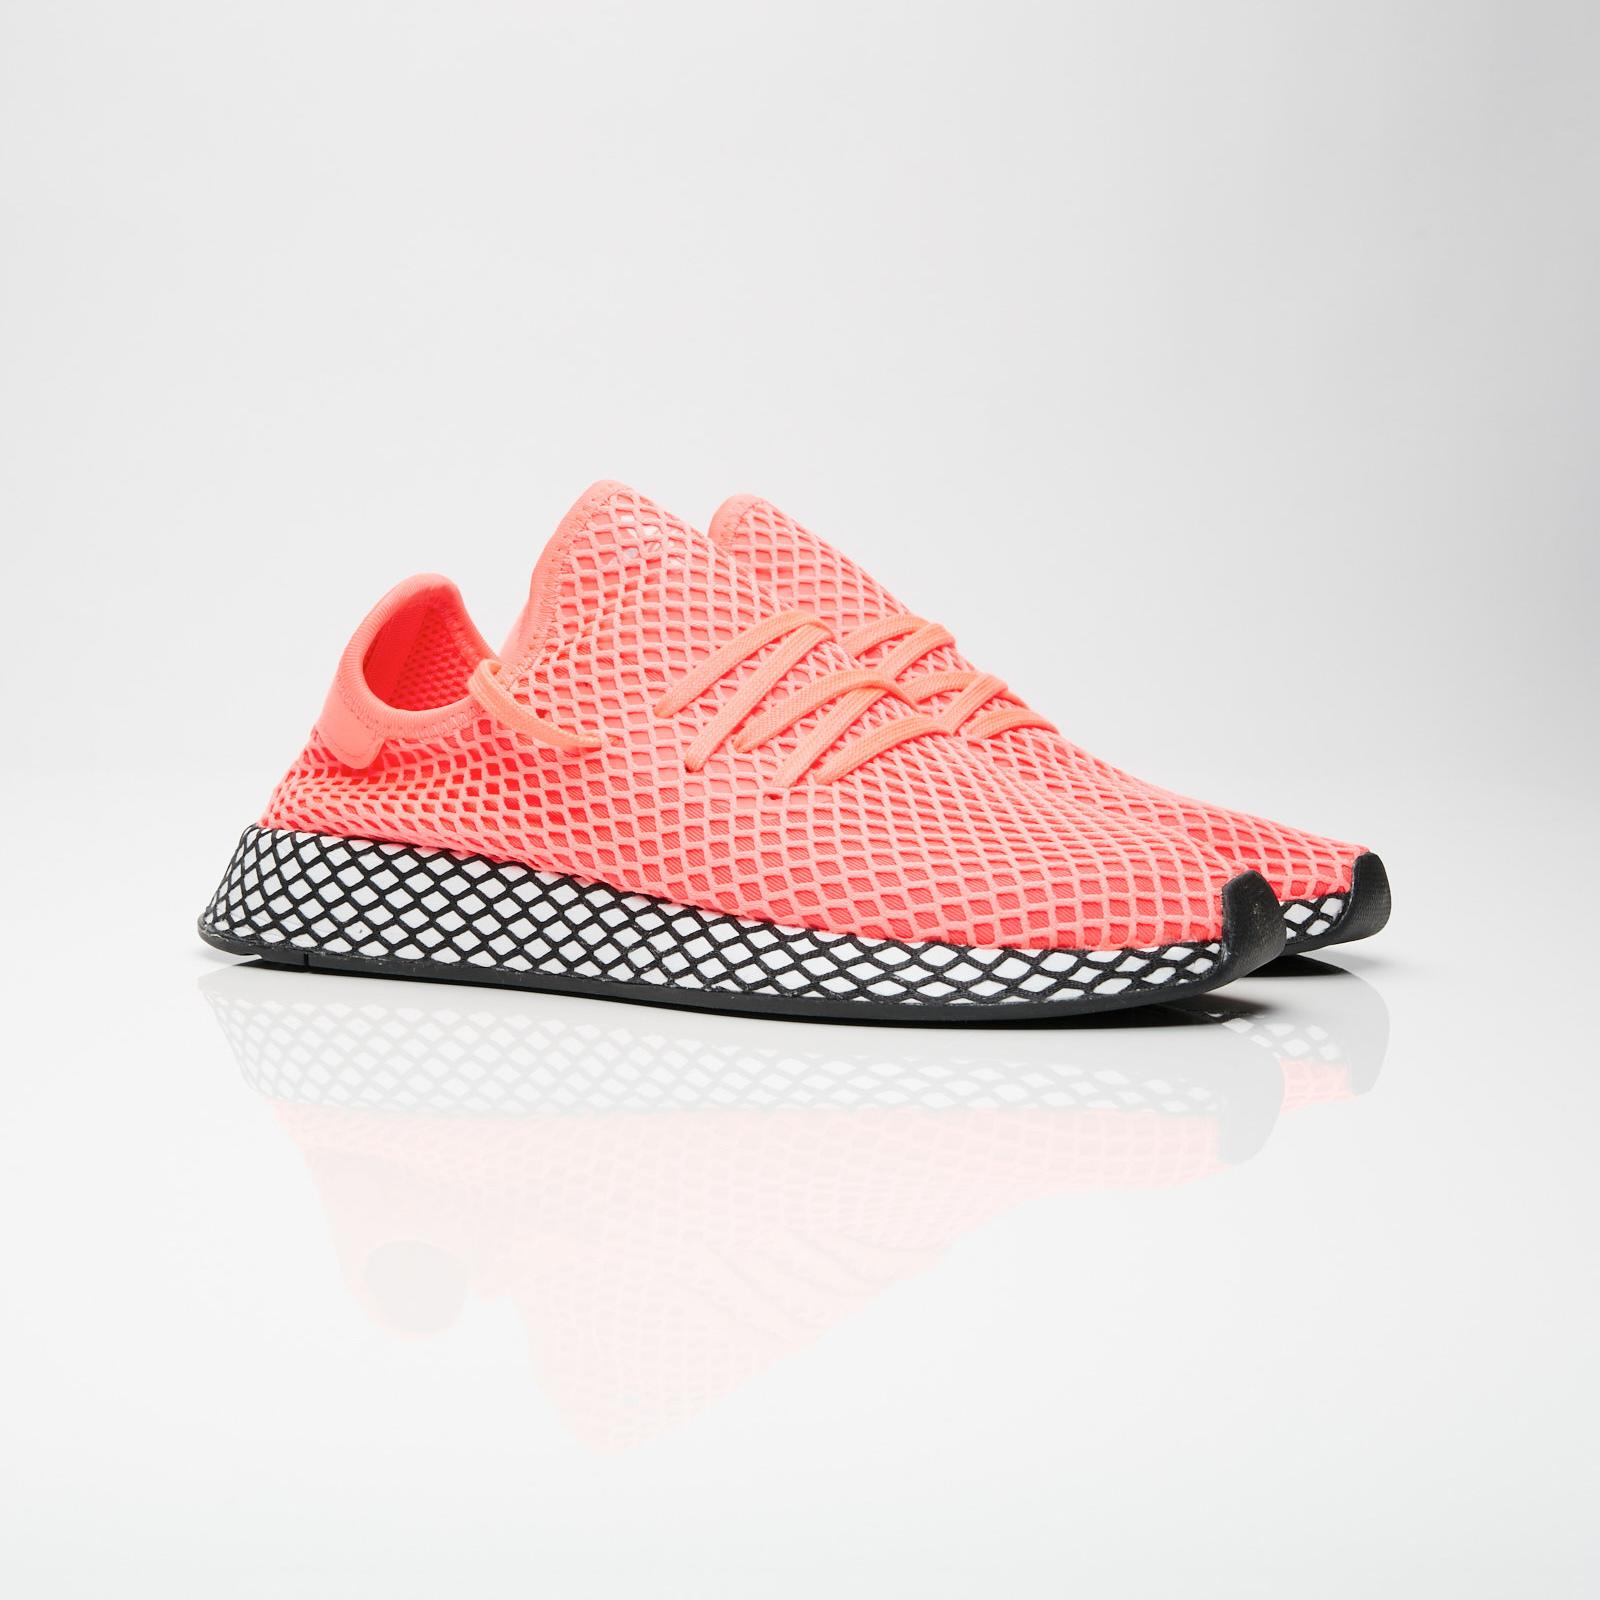 c6d9edd57b1f67 adidas Deerupt - B41769 - Sneakersnstuff